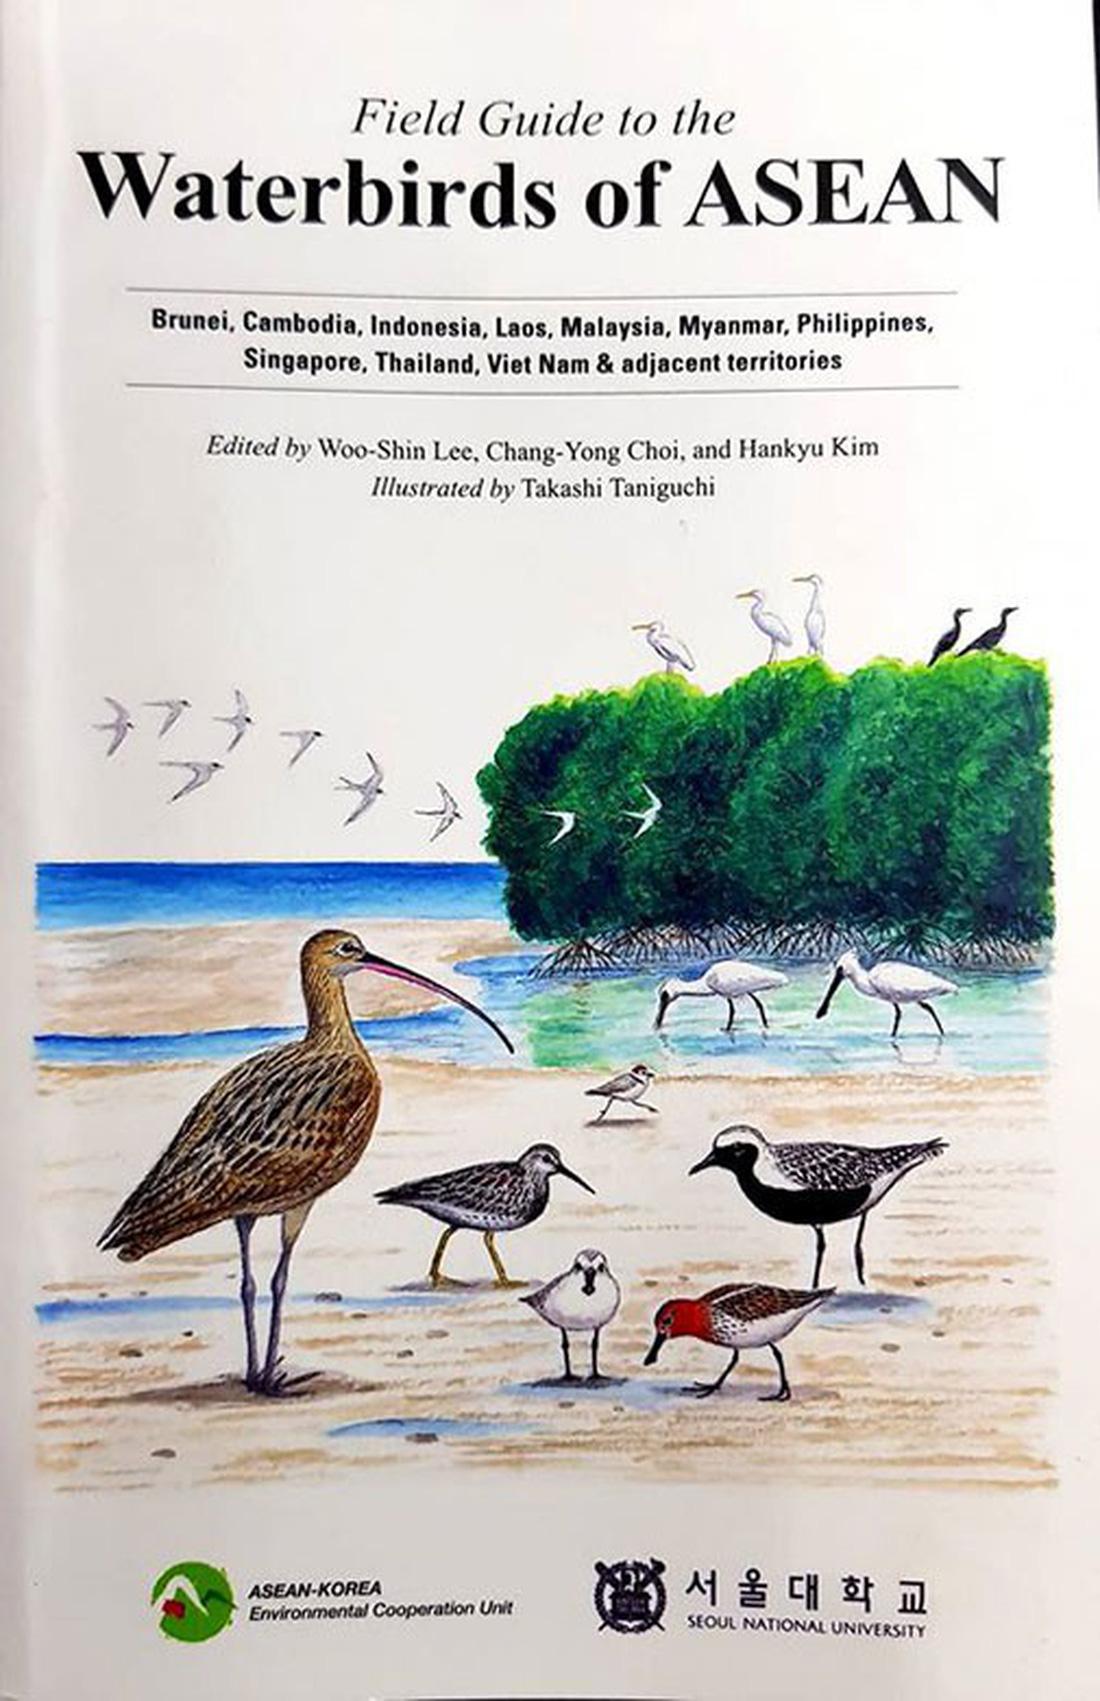 Khi Asean, Nhật, Hàn Quốc cùng bảo vệ chim hoang dã - Ảnh 12.